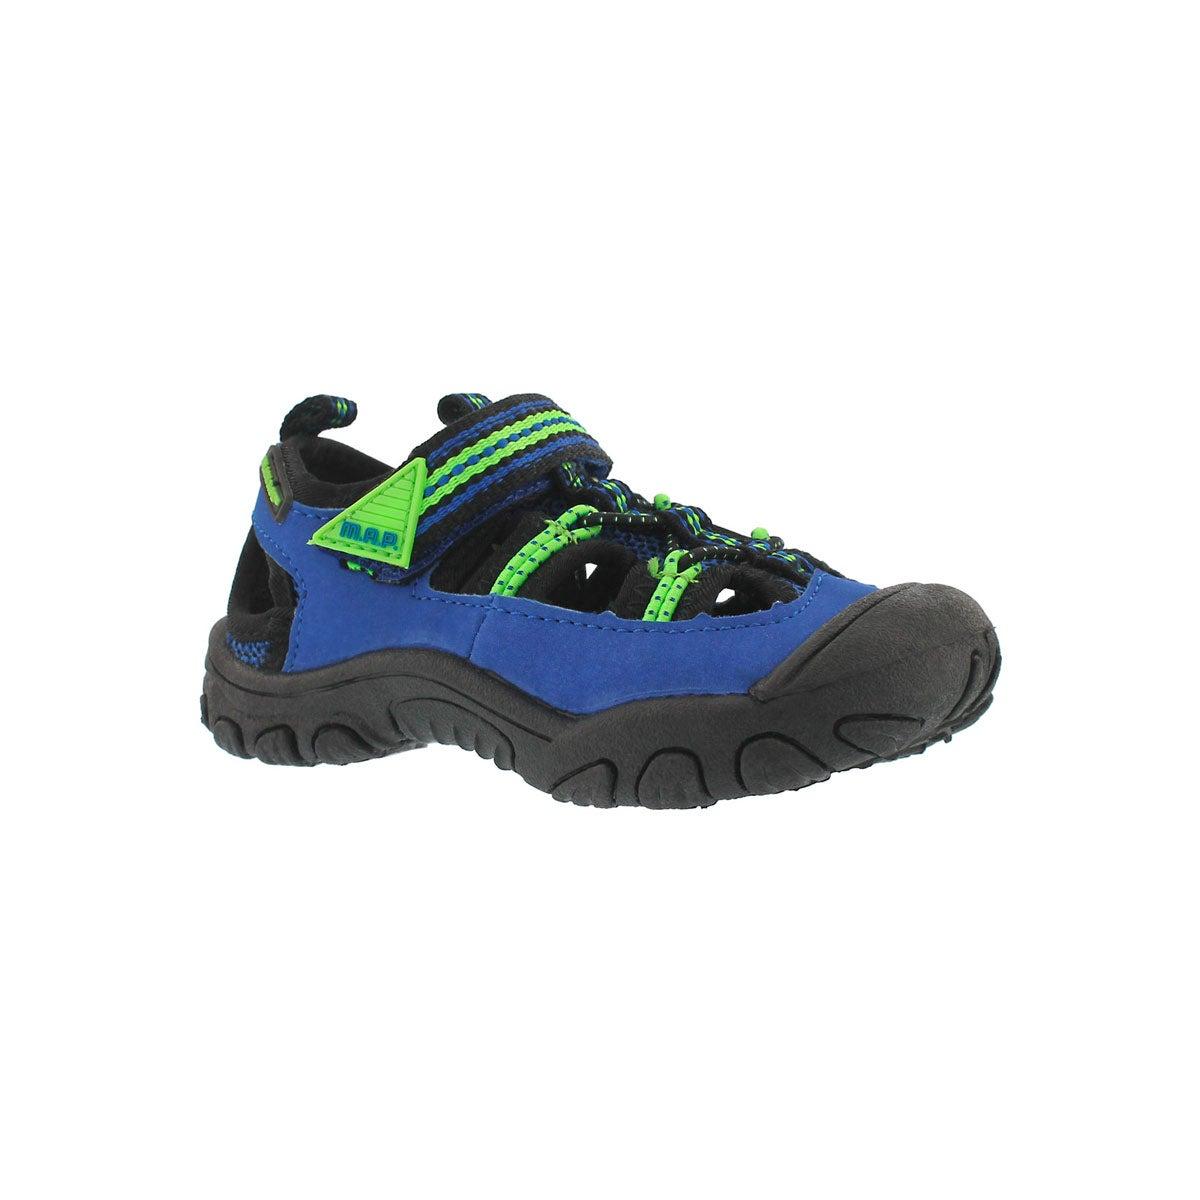 Infants' EMMONS black/blue fisherman sandals